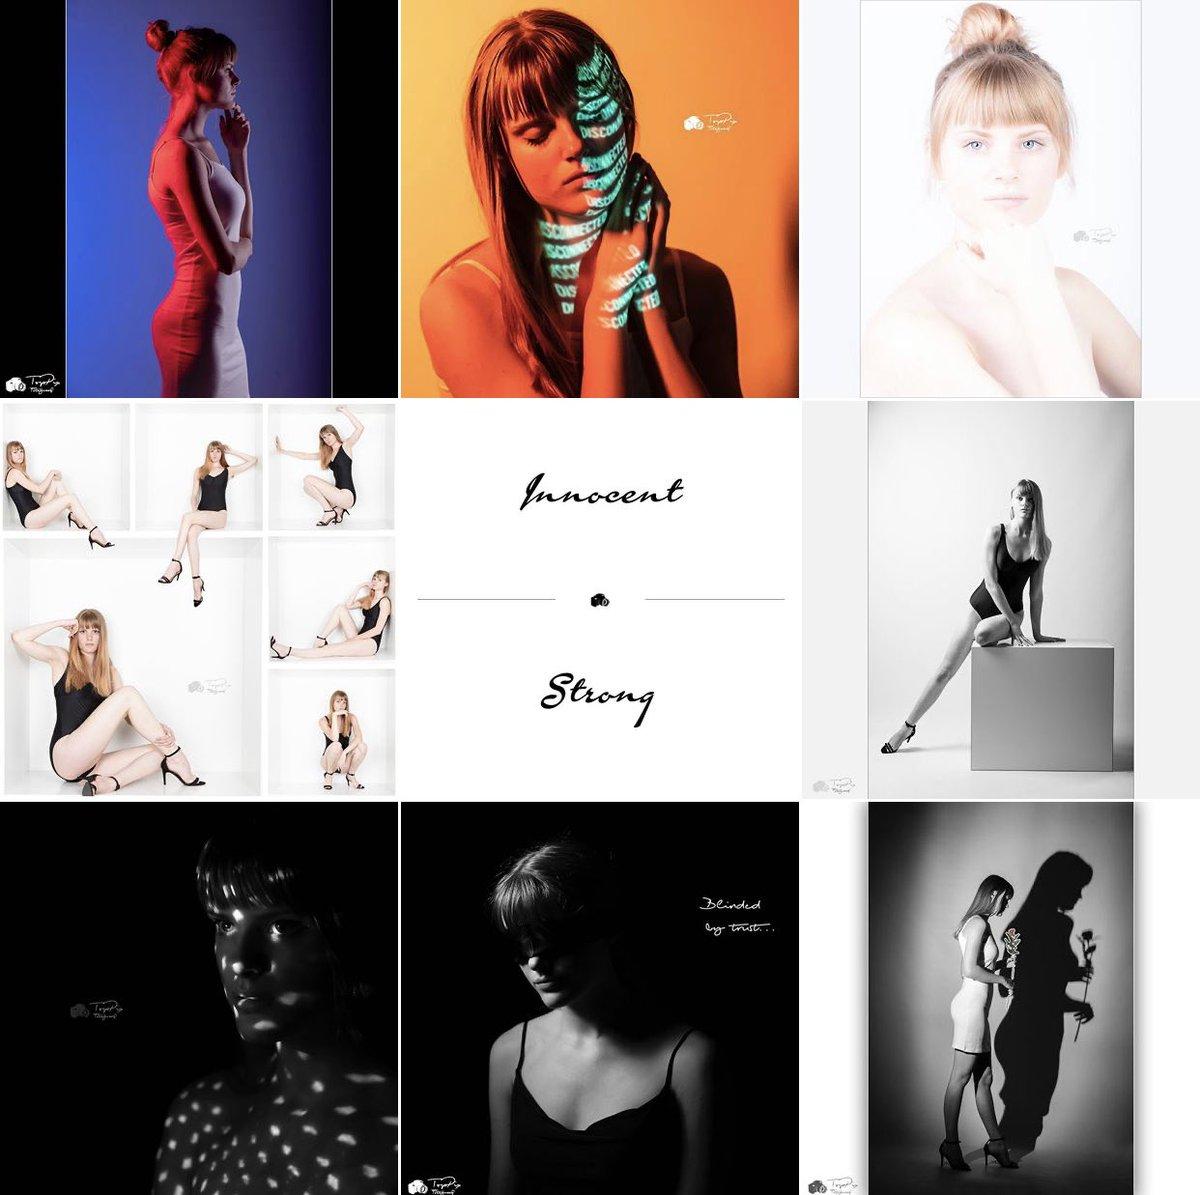 Wat een geweldige fotoshoot was het met Jara. Echt een natuurtalent. #modelfotografie #model #fotografie #photoshoot #photography #modelphotography #dutchphotographer #studiophoto #fashionphotography #suriname #eyes #fotograaf #portretfotografie #fineart #modelphotographer pic.twitter.com/vQNfGaSfq4 – at Huisartsencentrum de Tulp